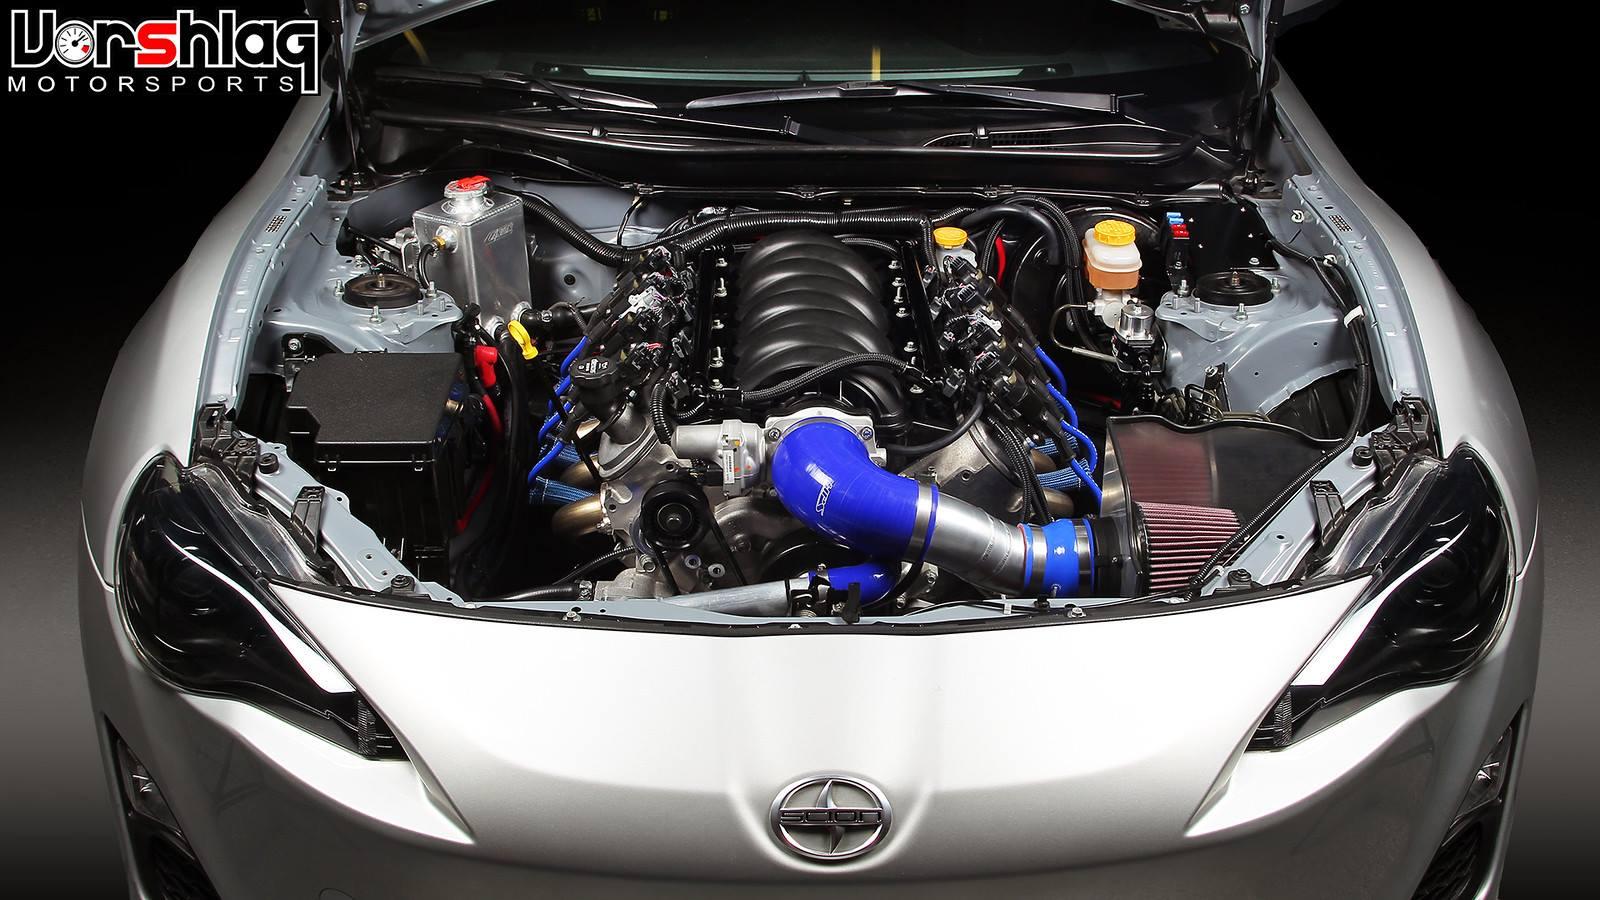 Vorshlag LSx Swap Kit for Scion FRS Subaru BRZ 02 vorshlag lsx swap kit for frs brz engine swap depot